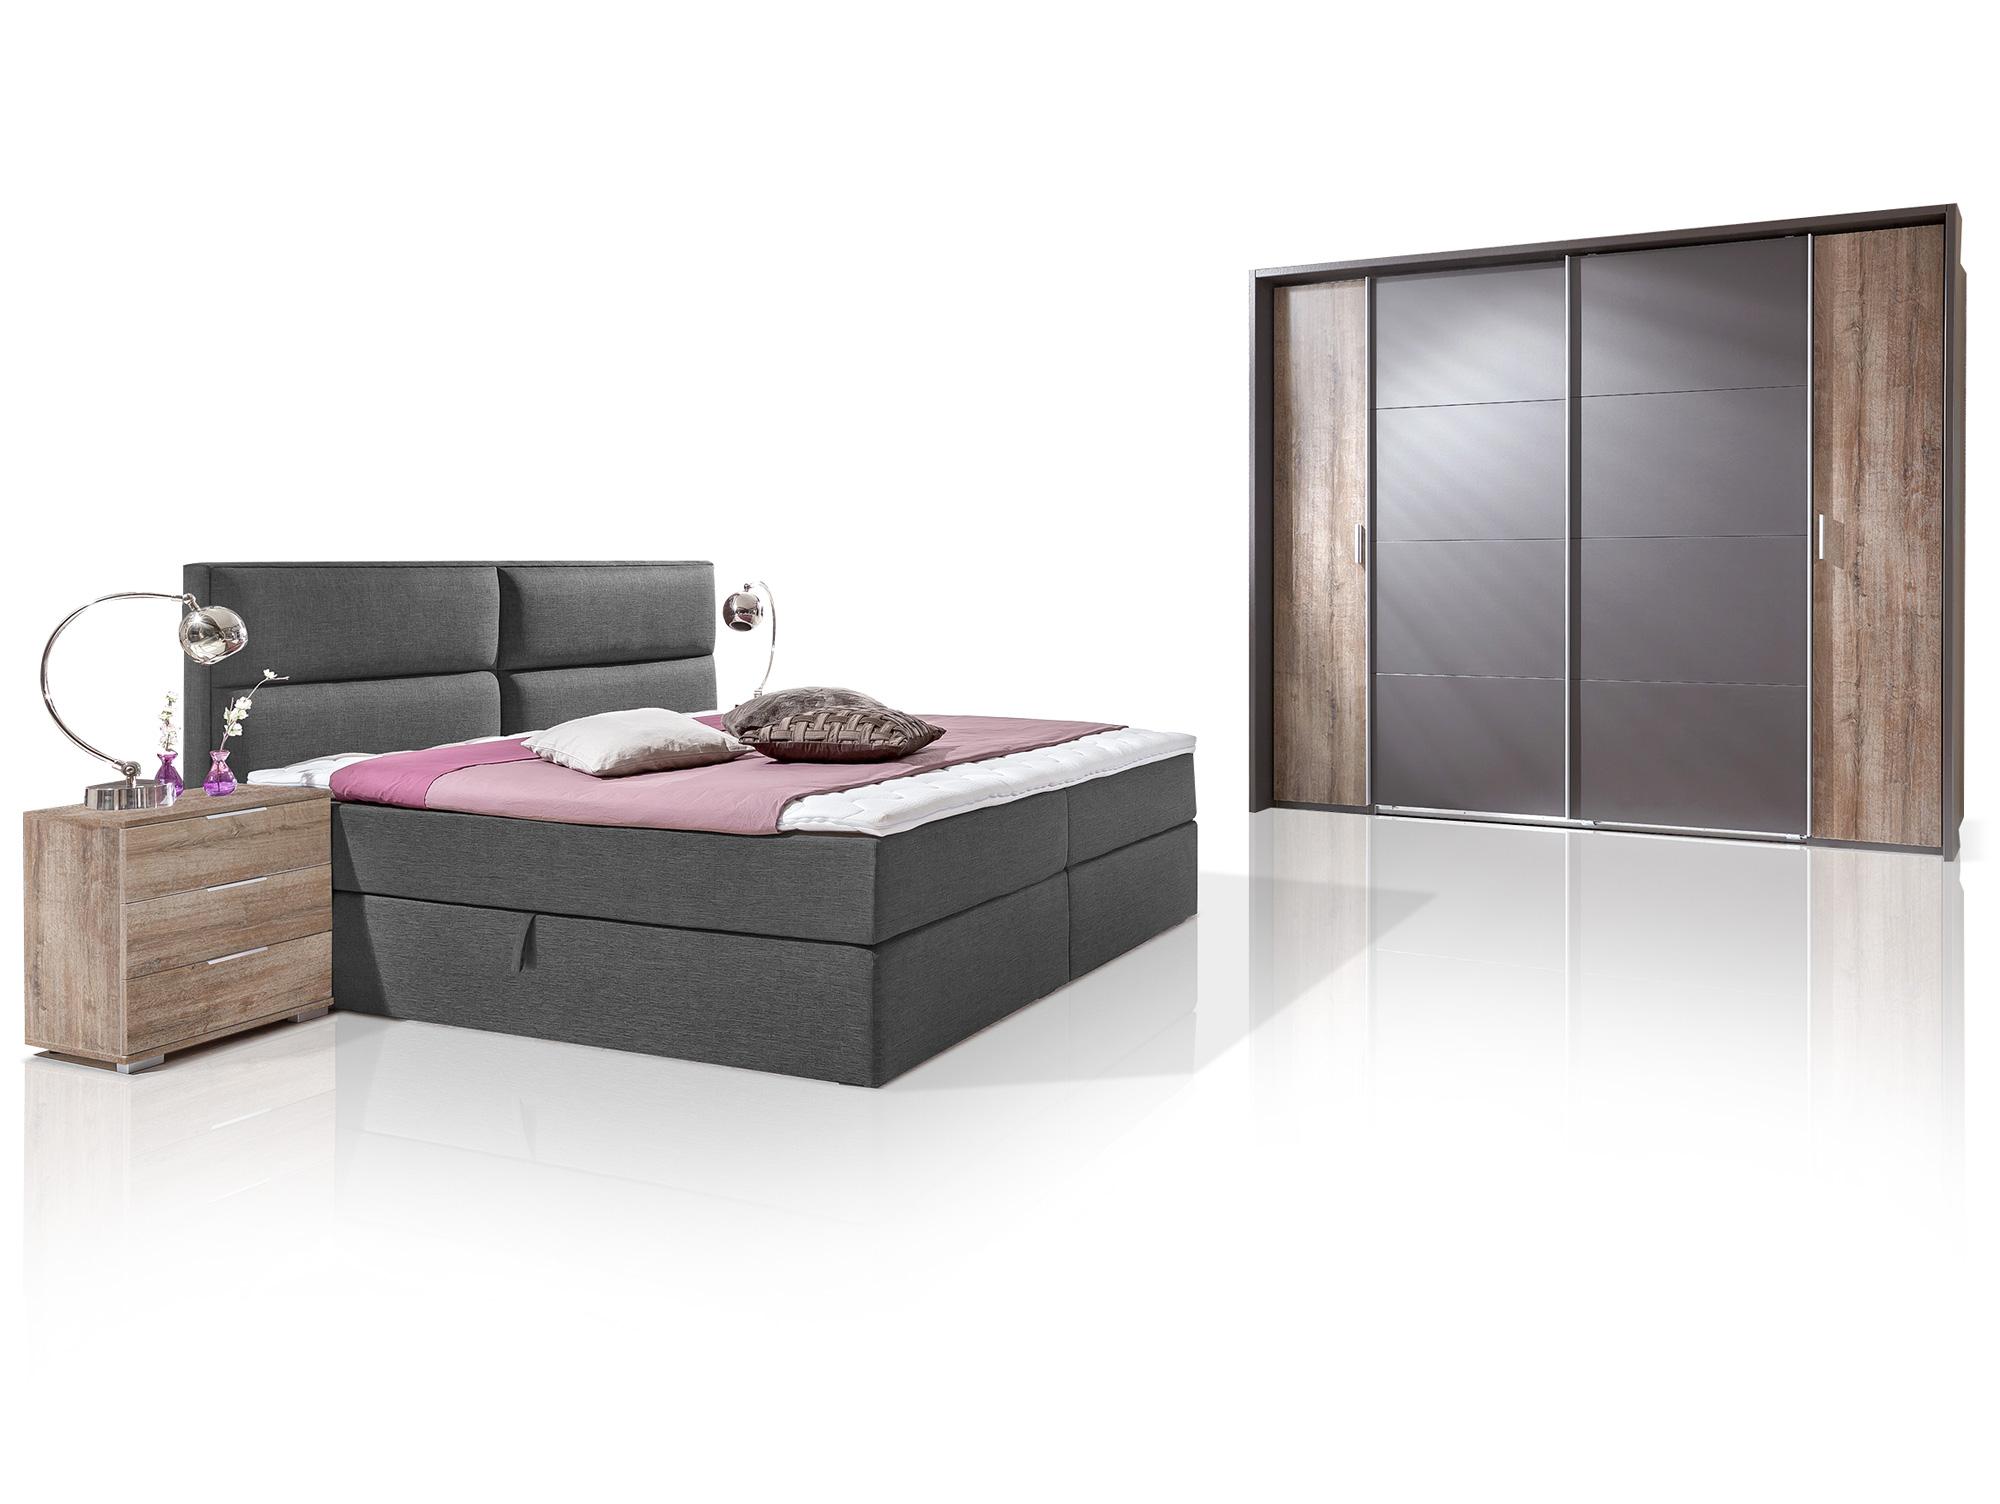 schlafzimmer einrichten ohne kleiderschrank_023346 ~ neuesten, Schlafzimmer entwurf